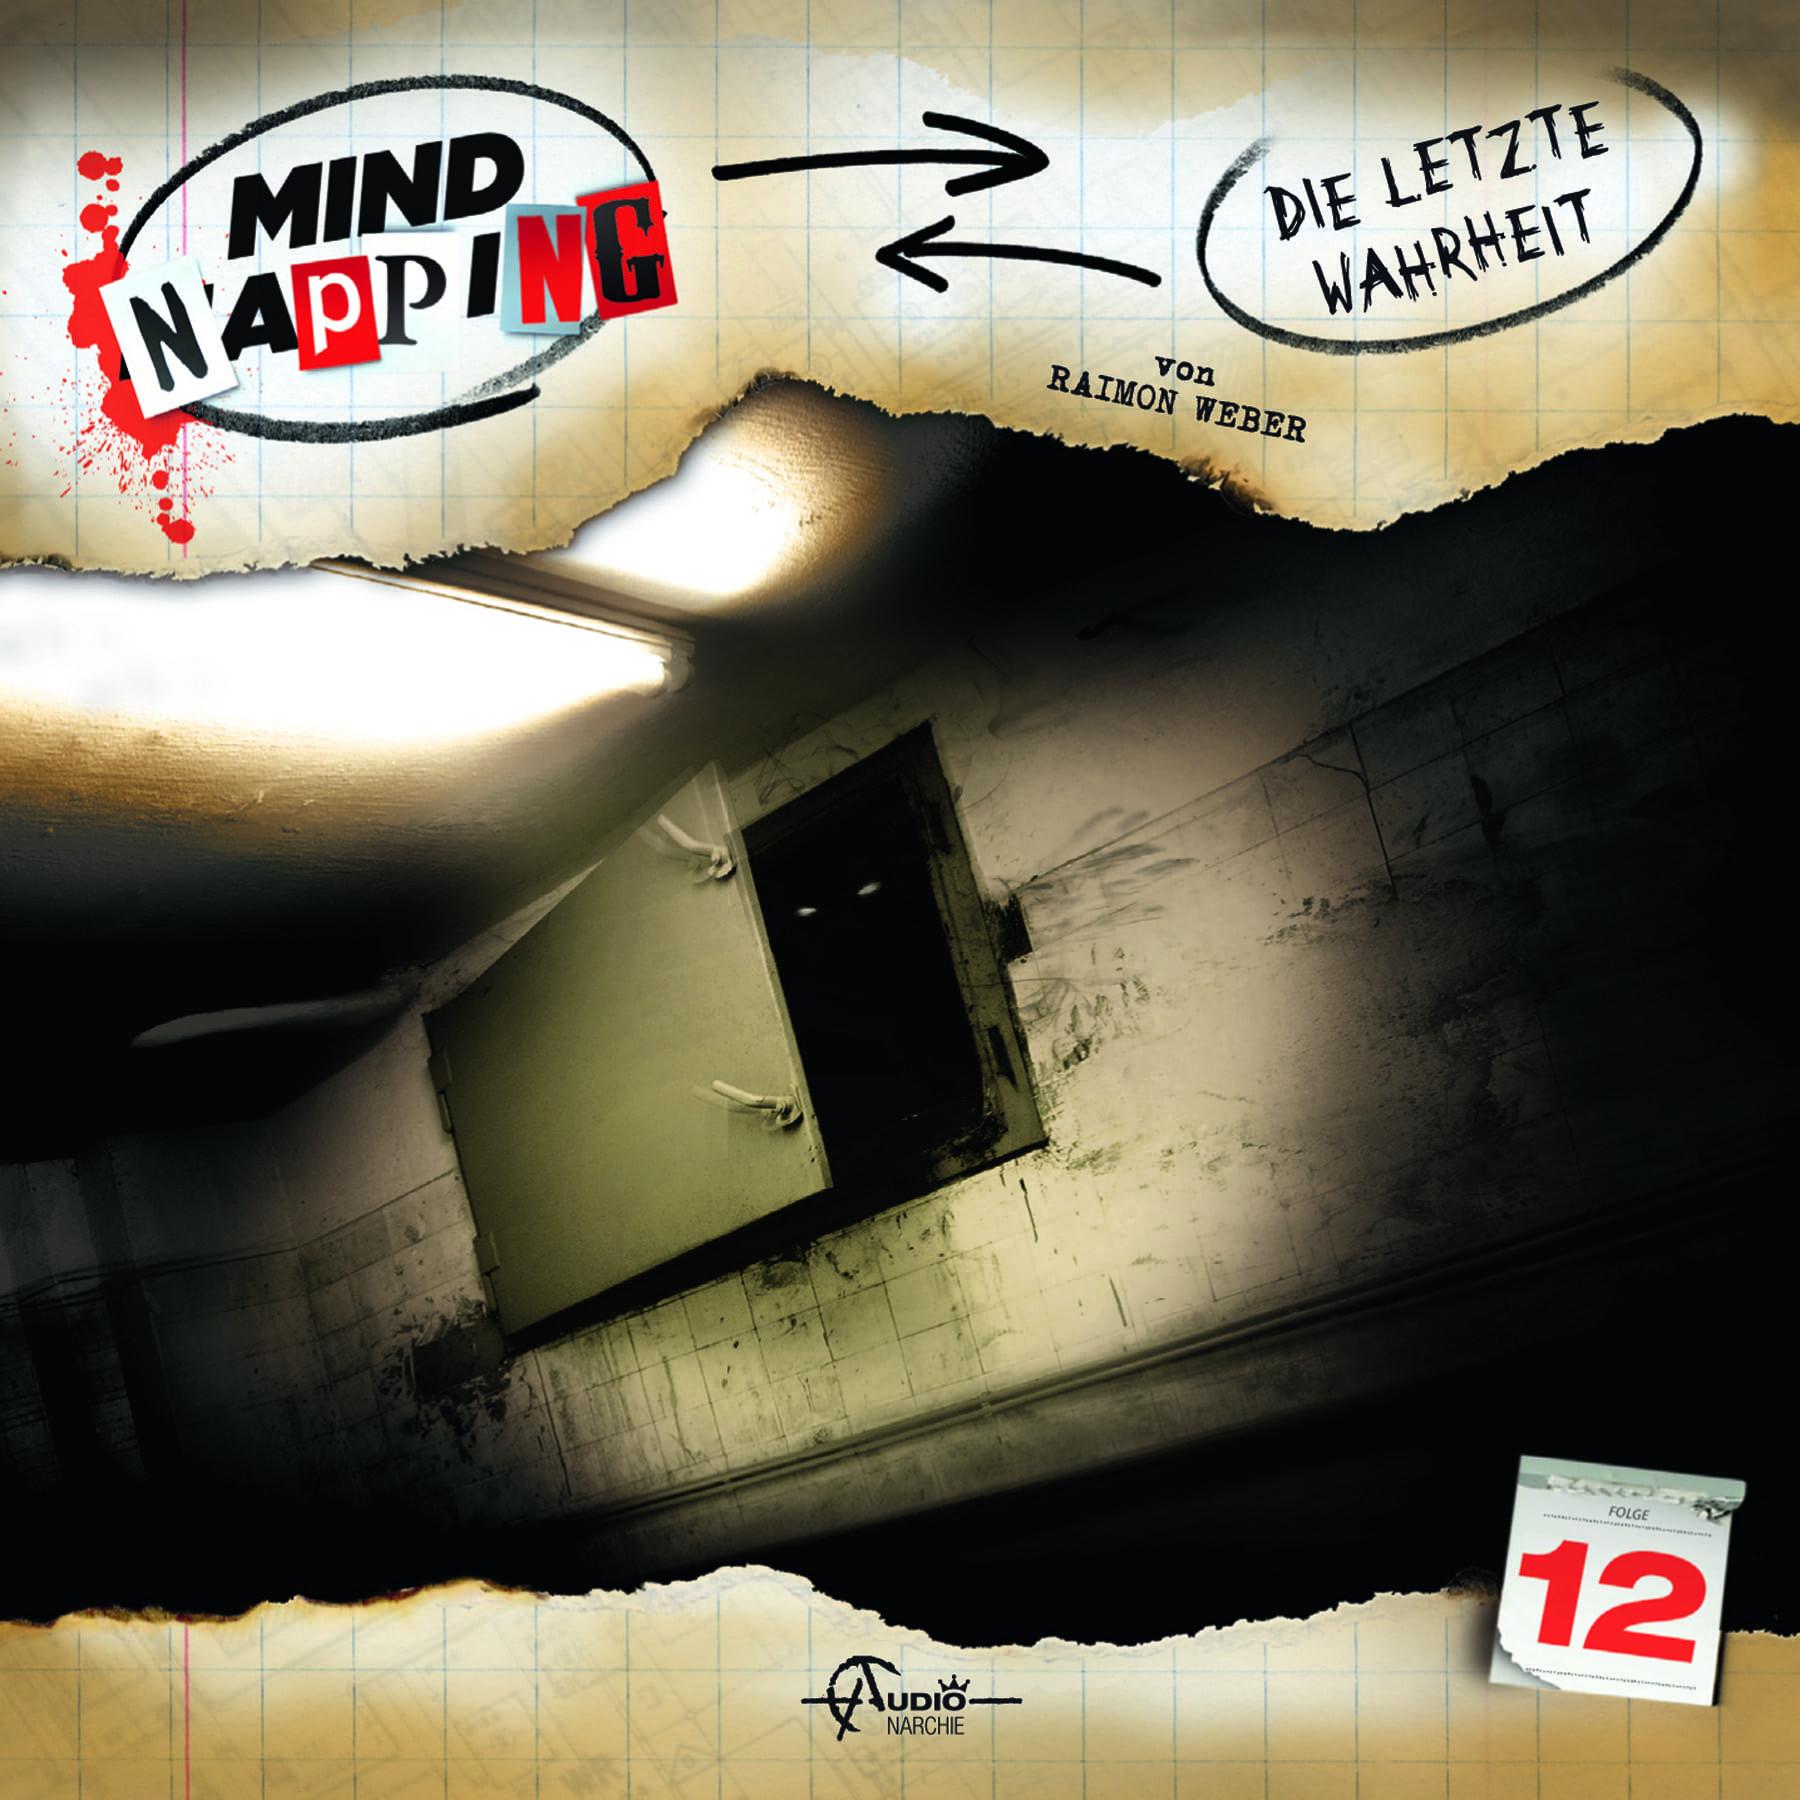 Mindnapping (12) – Die letzte Wahrheit